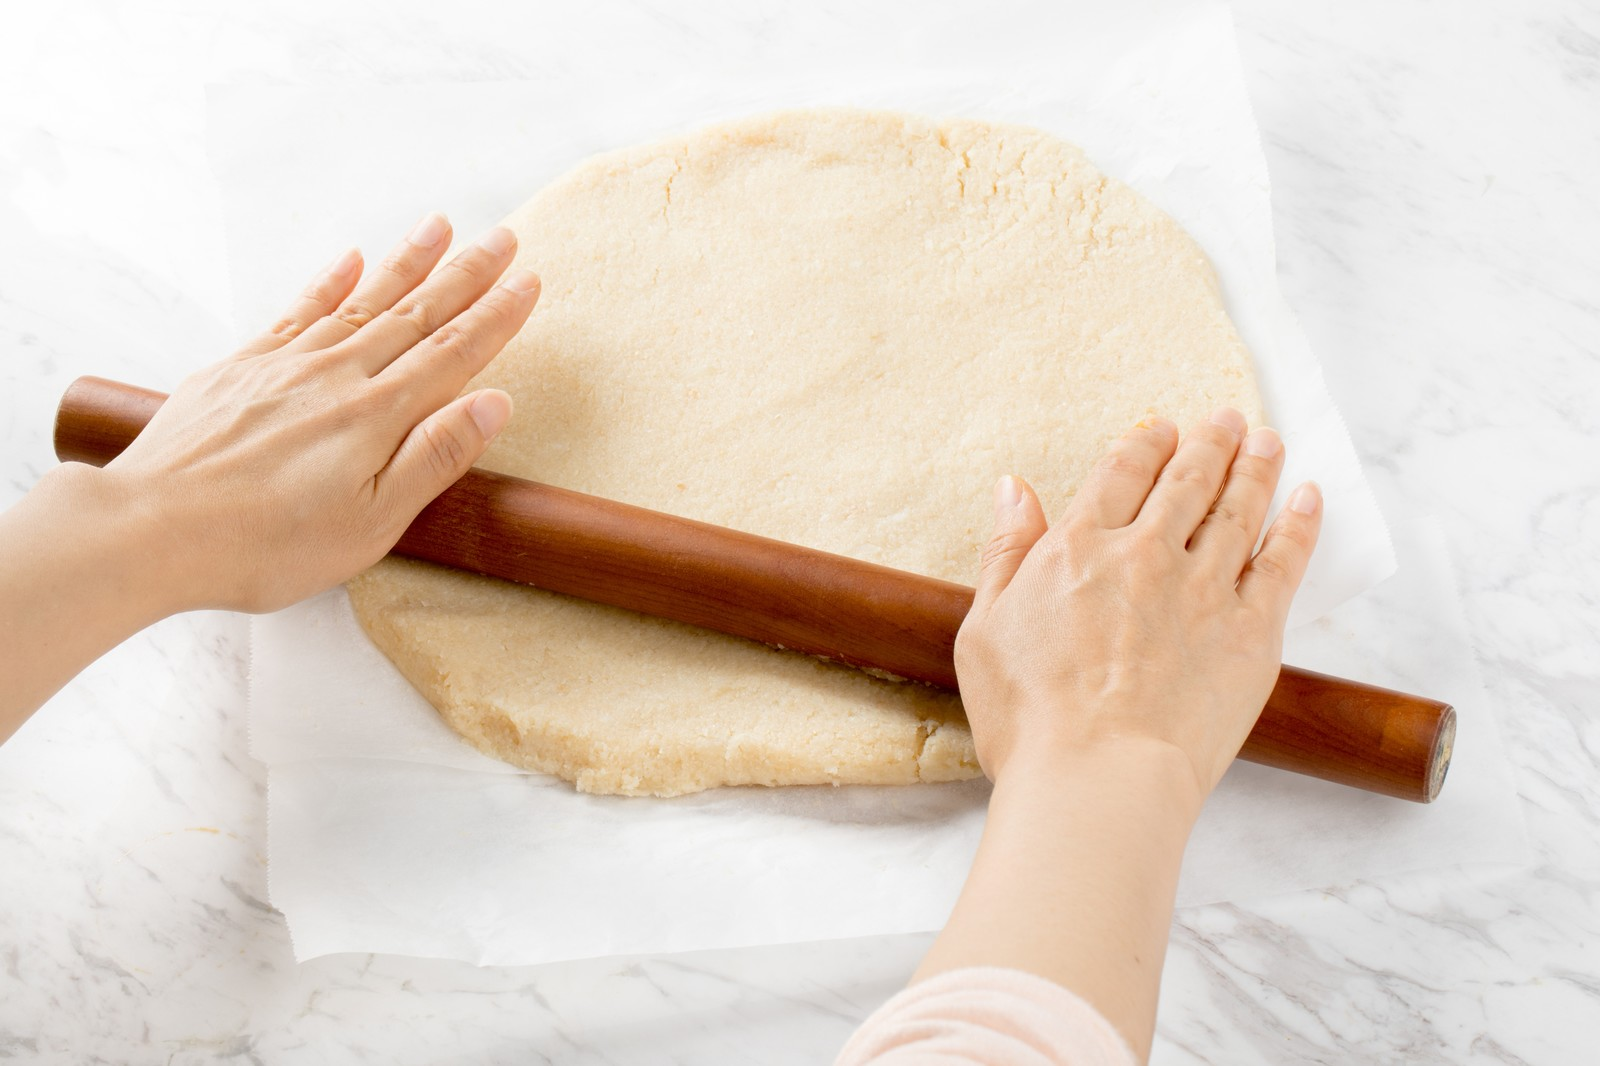 親子で作ろうおいしいピザ 申込締切  令和3年1月27日(水曜日)17時必着 イメージ画像